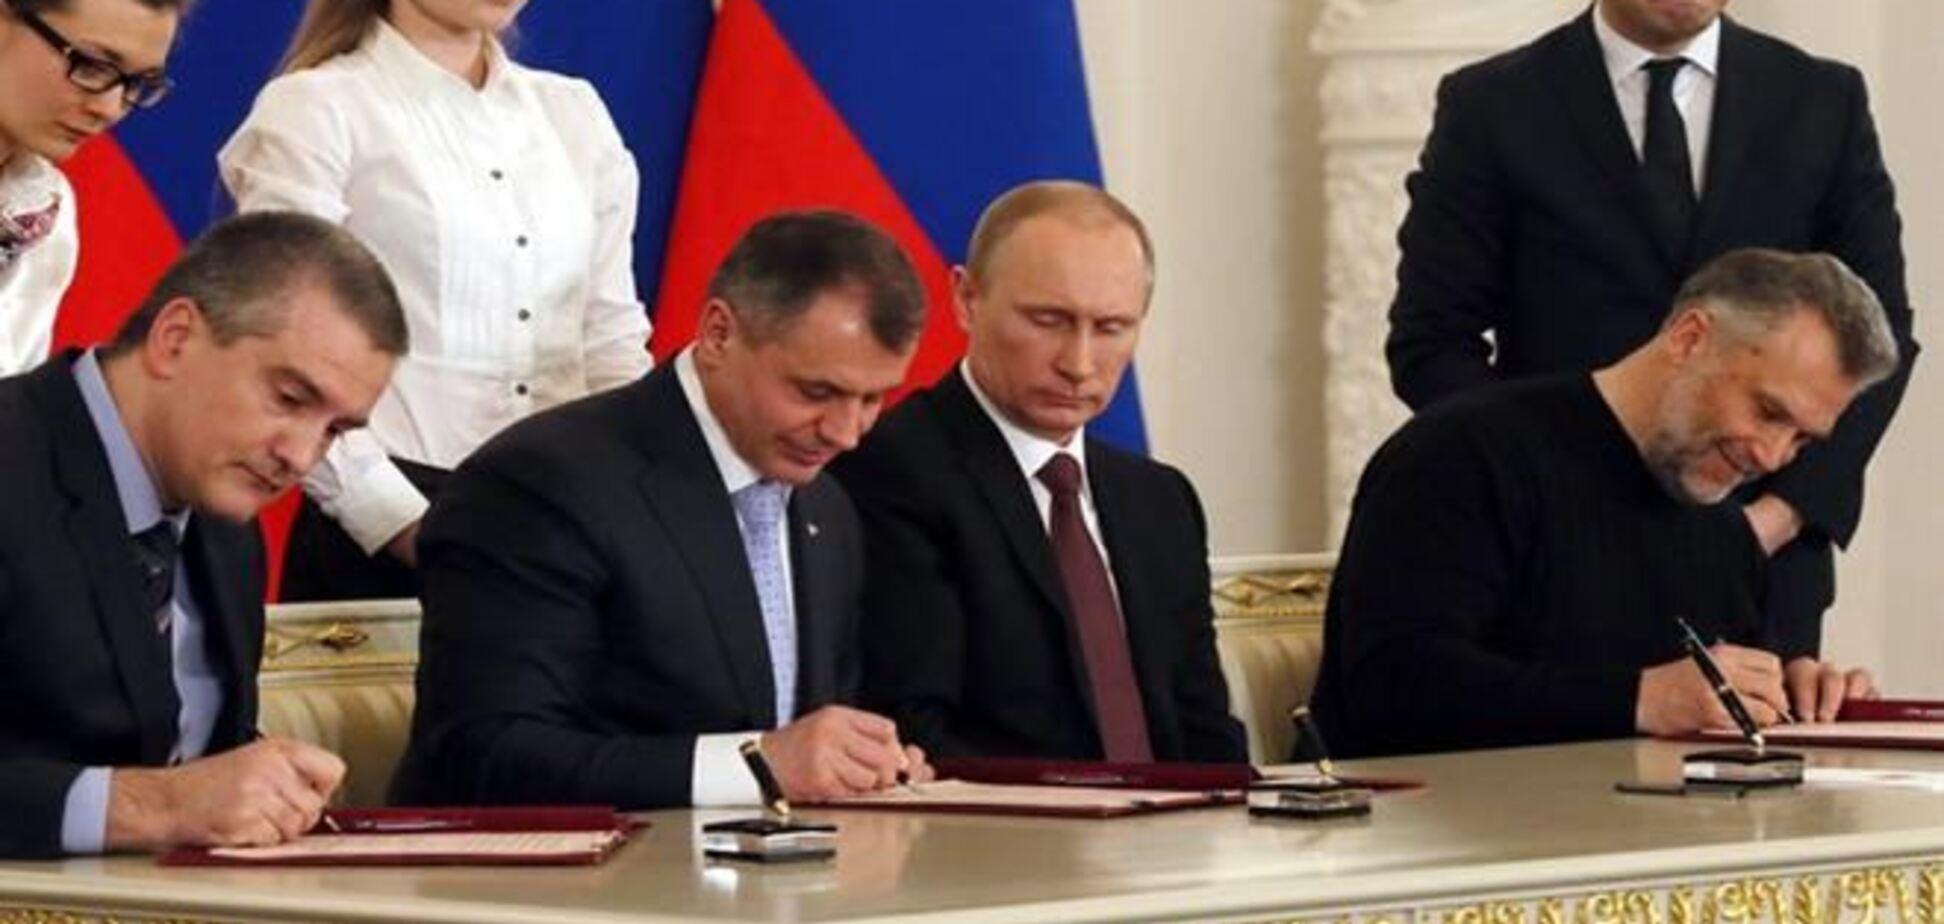 Путин и крымские самозванцы подписали договор об аннексии Крыма